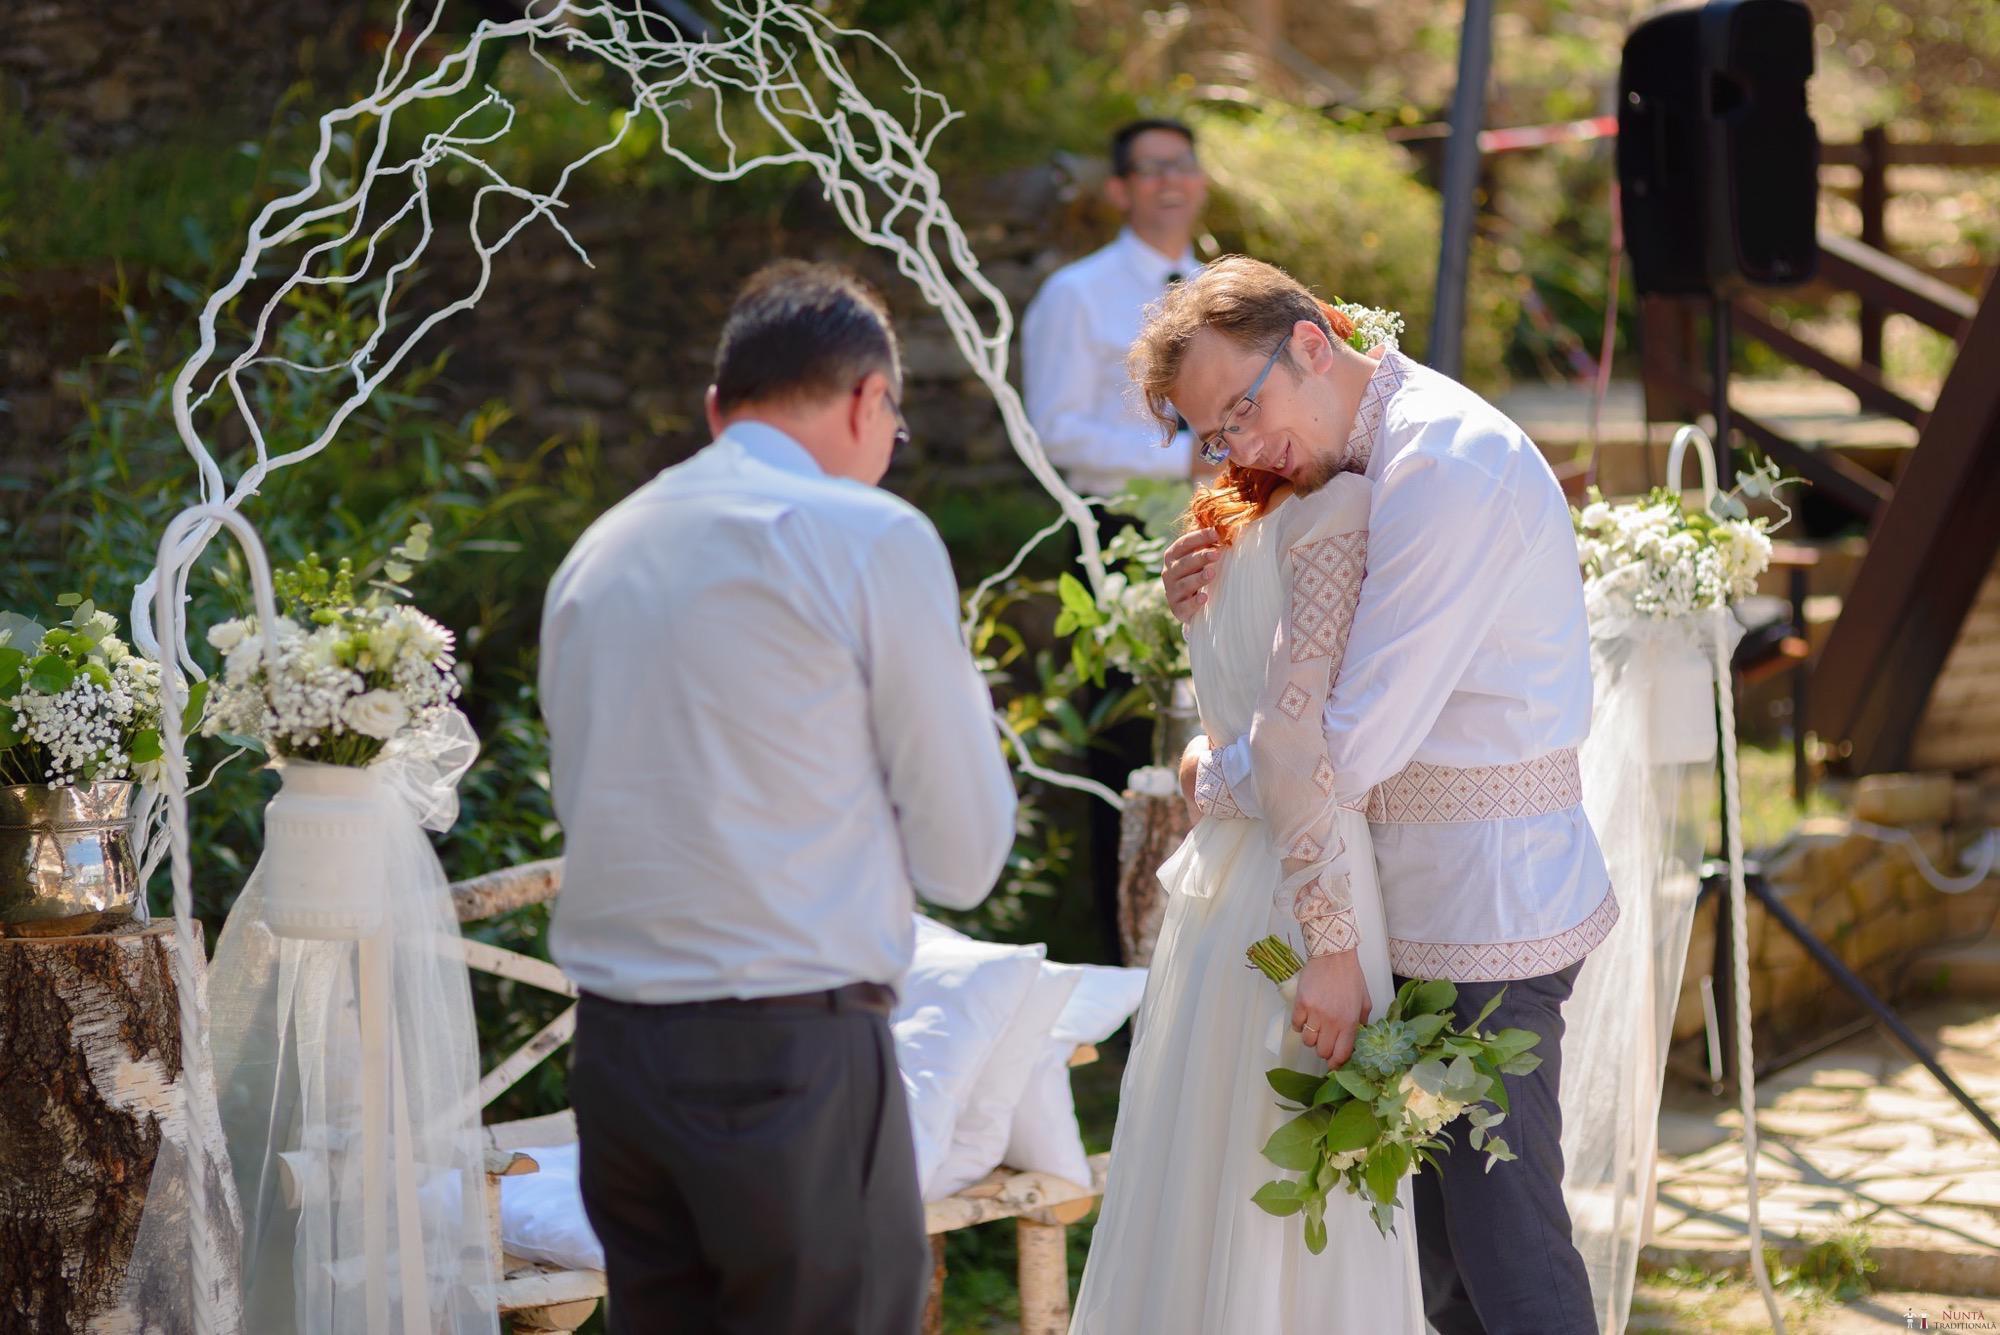 Povești Nunți Tradiționale - Aurelian și Sonia. Nuntă tradițională în Câmpulung Moldovenesc 33